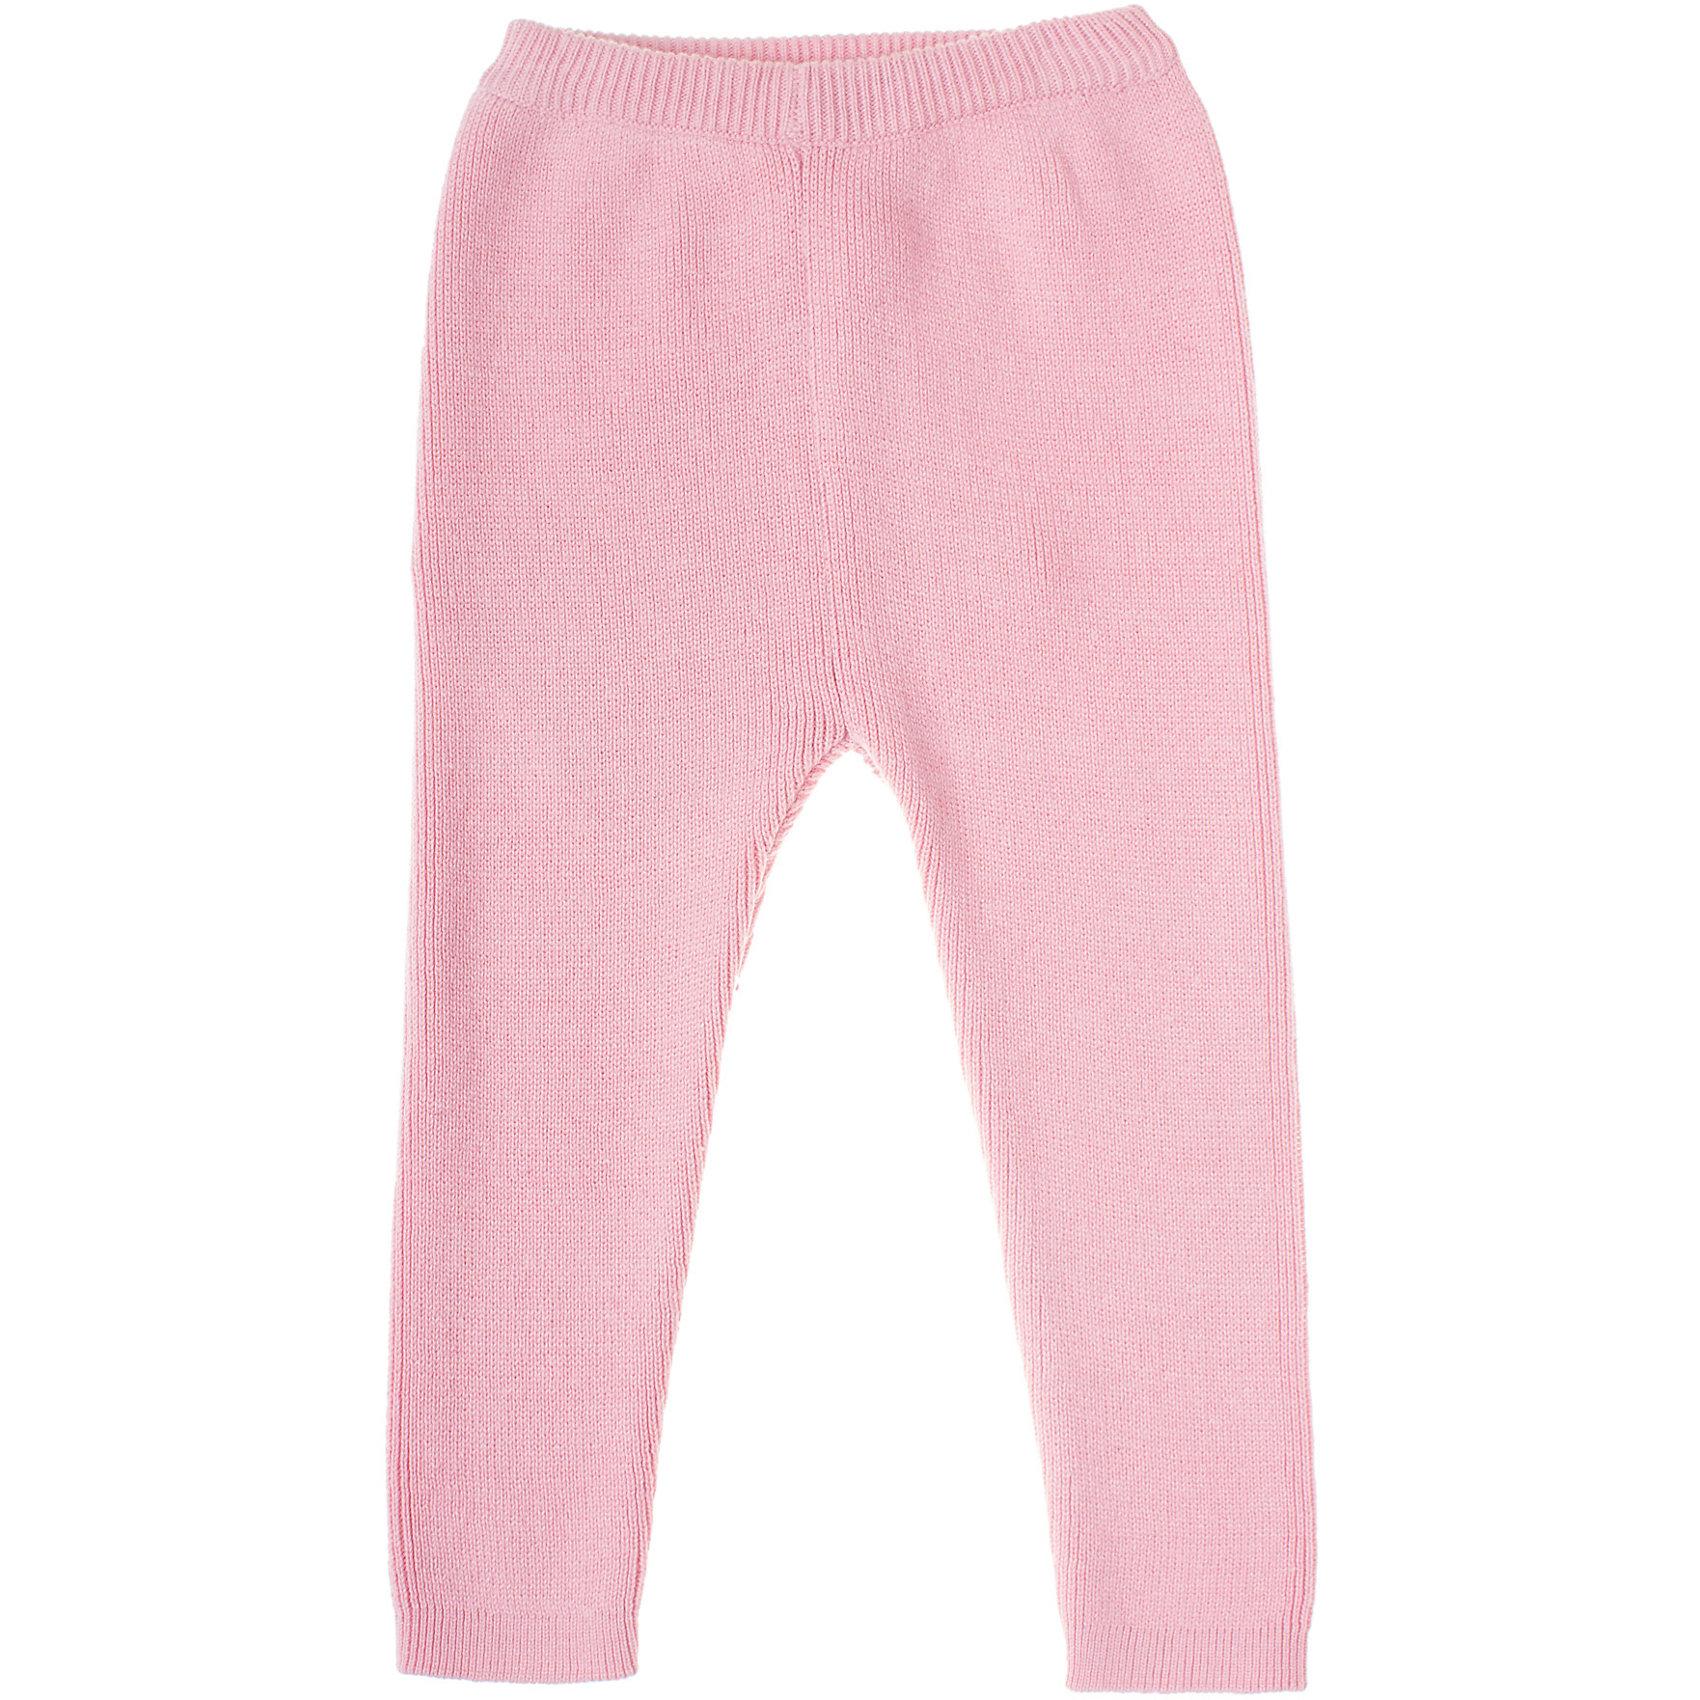 PlayToday Брюки для девочки PlayToday брюки для девочки btc цвет черный 12 017900 размер 40 158